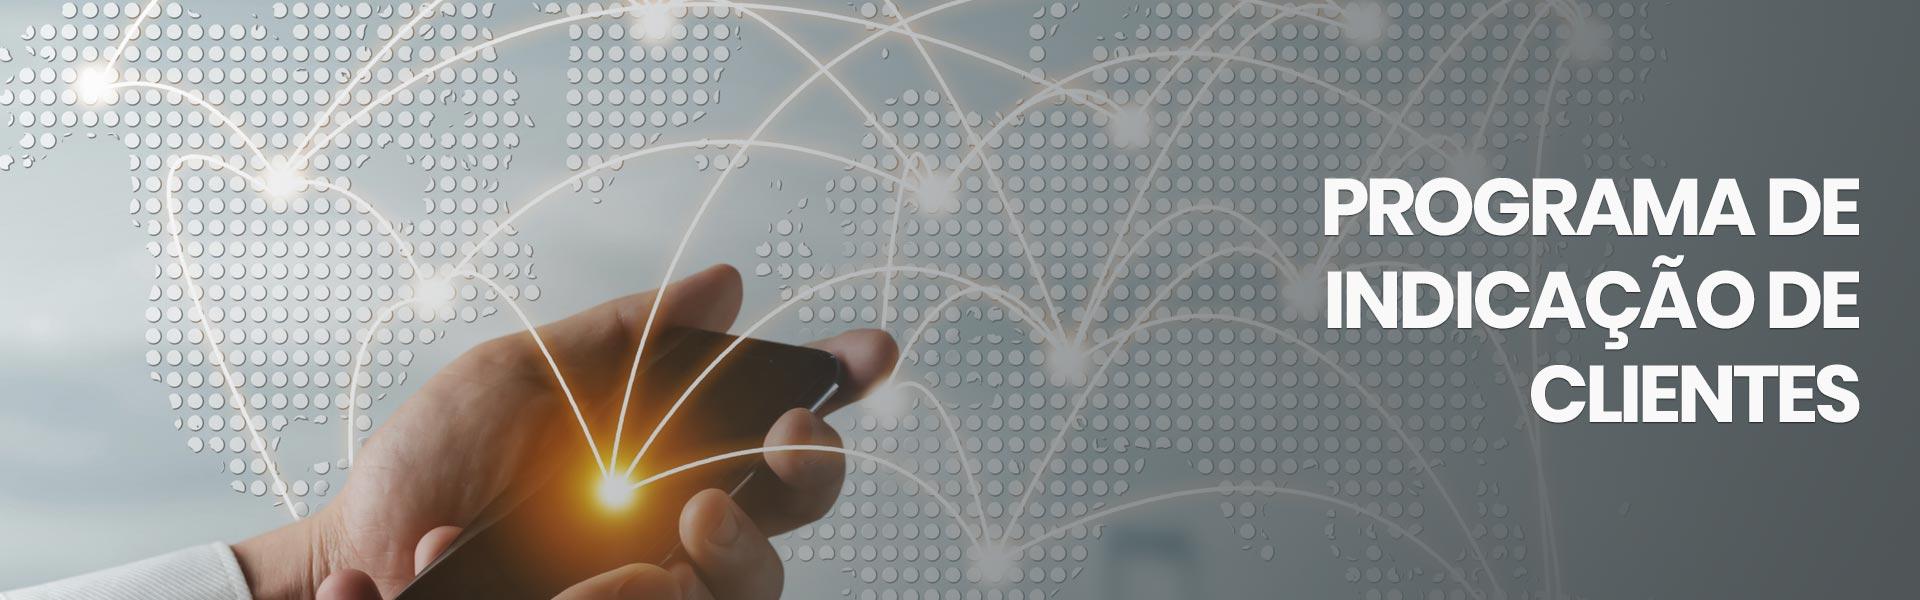 Programa de indicação de clientes: crie e aumente as vendas